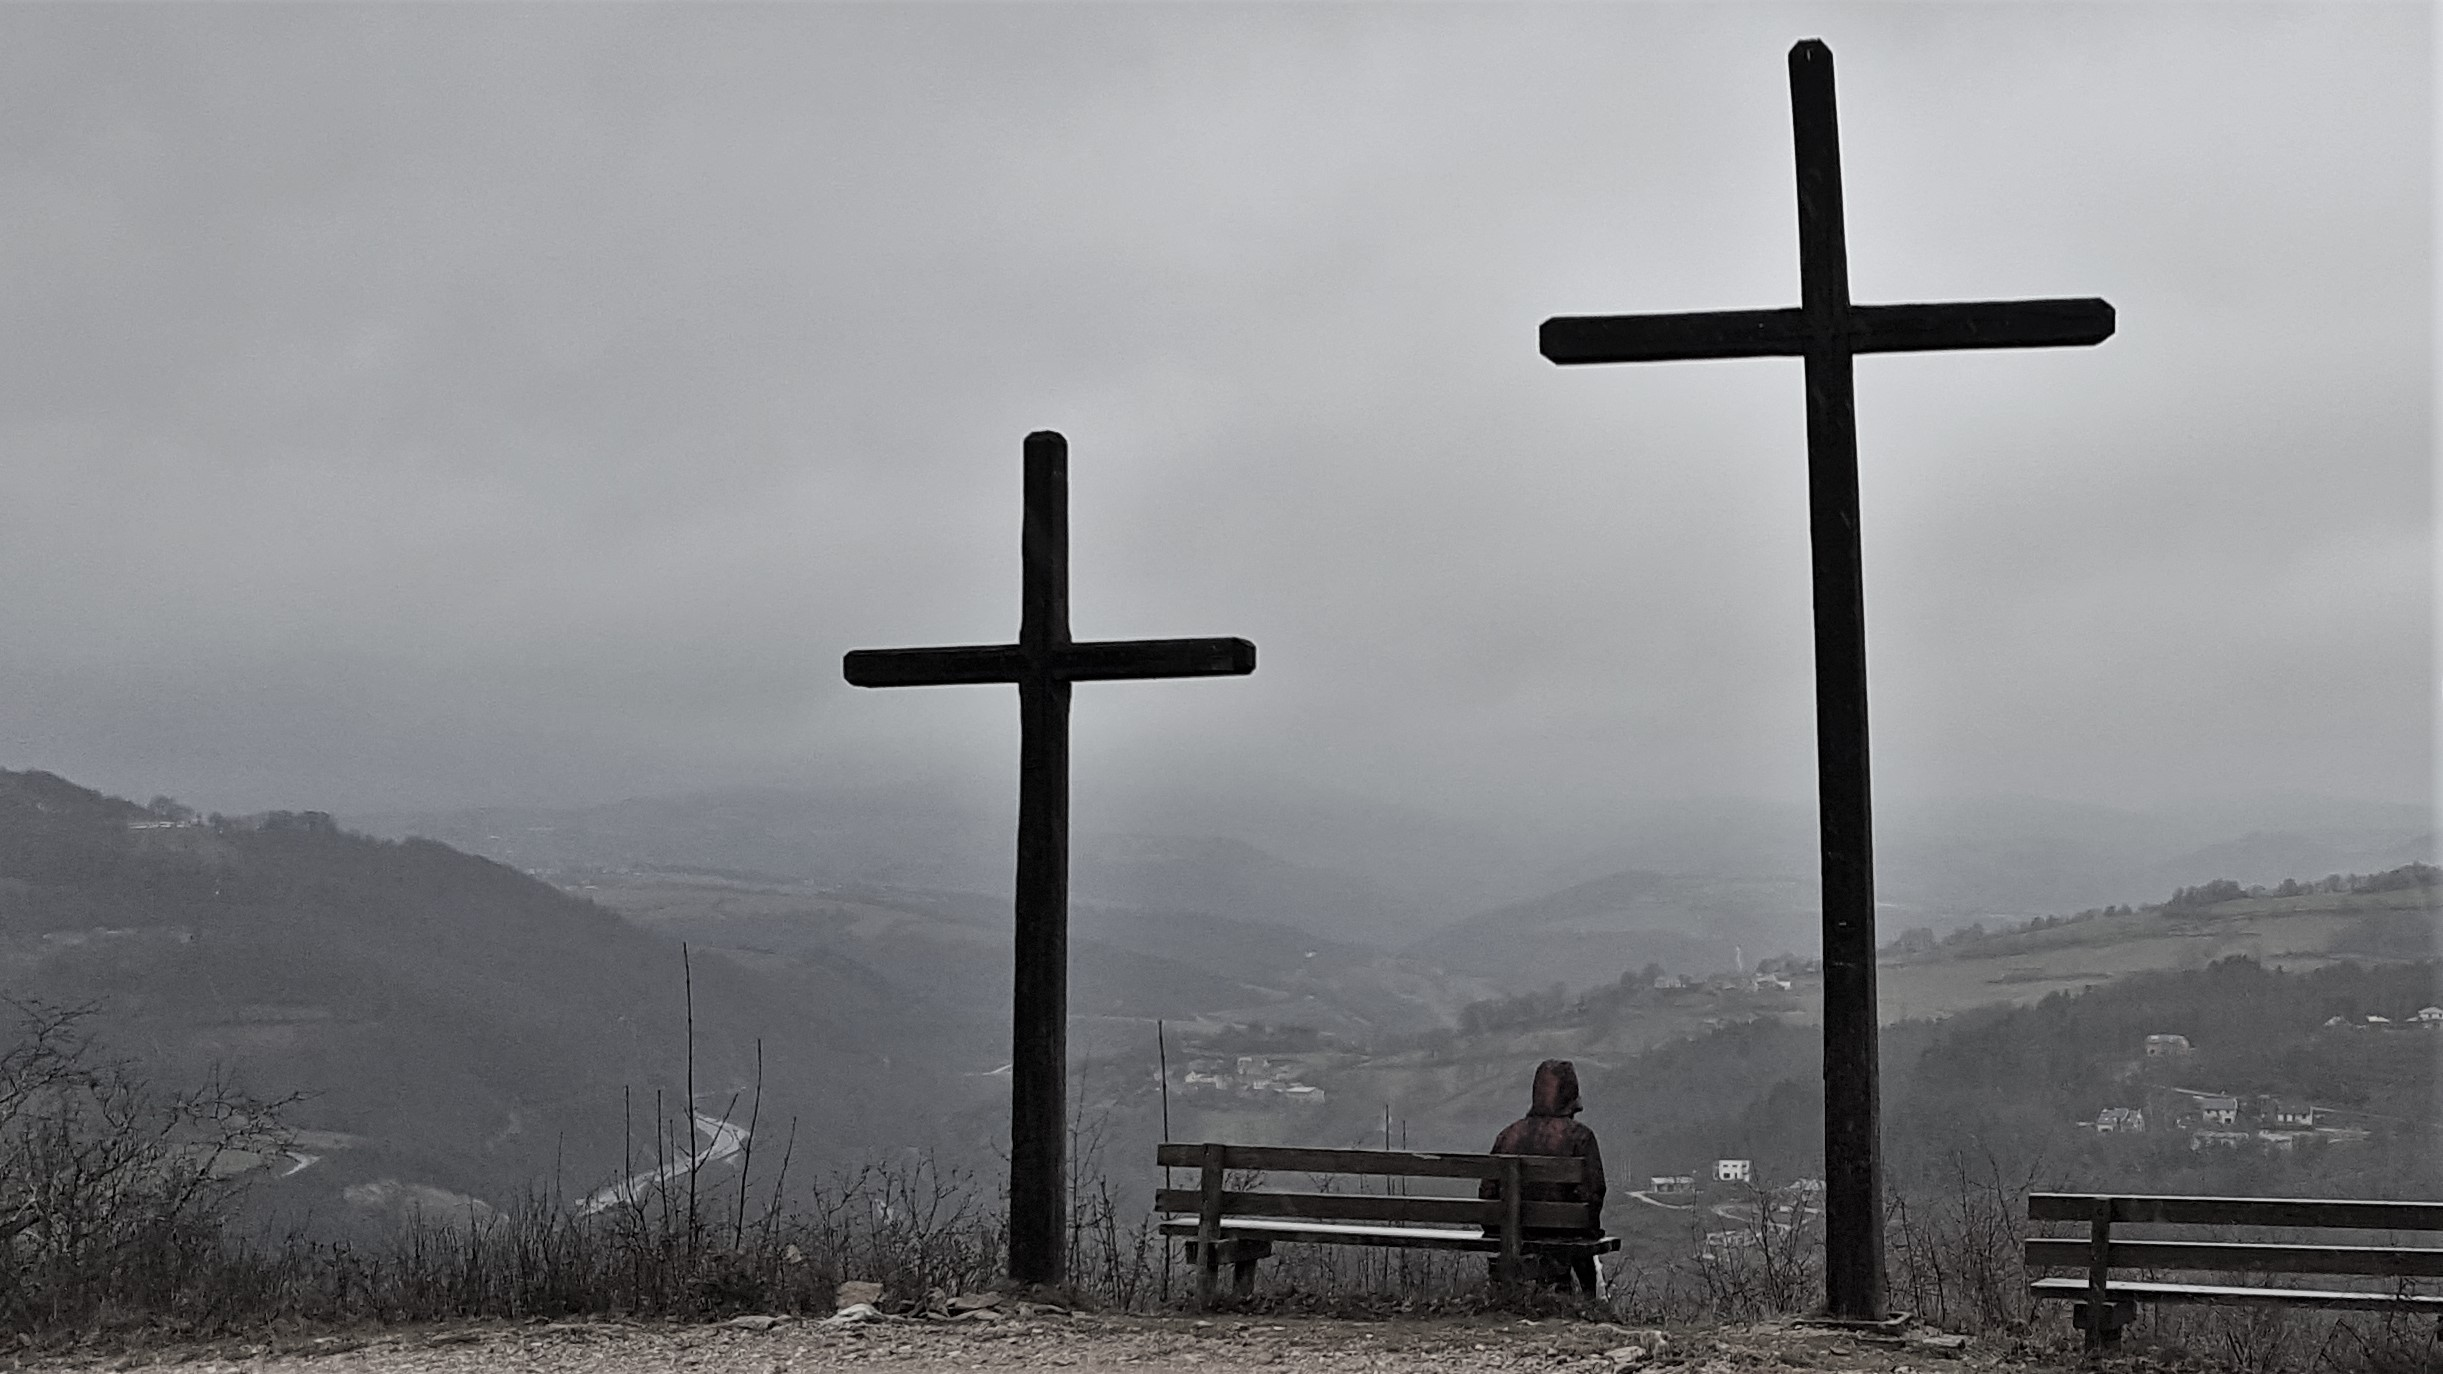 Dans le cadre formé par les croix